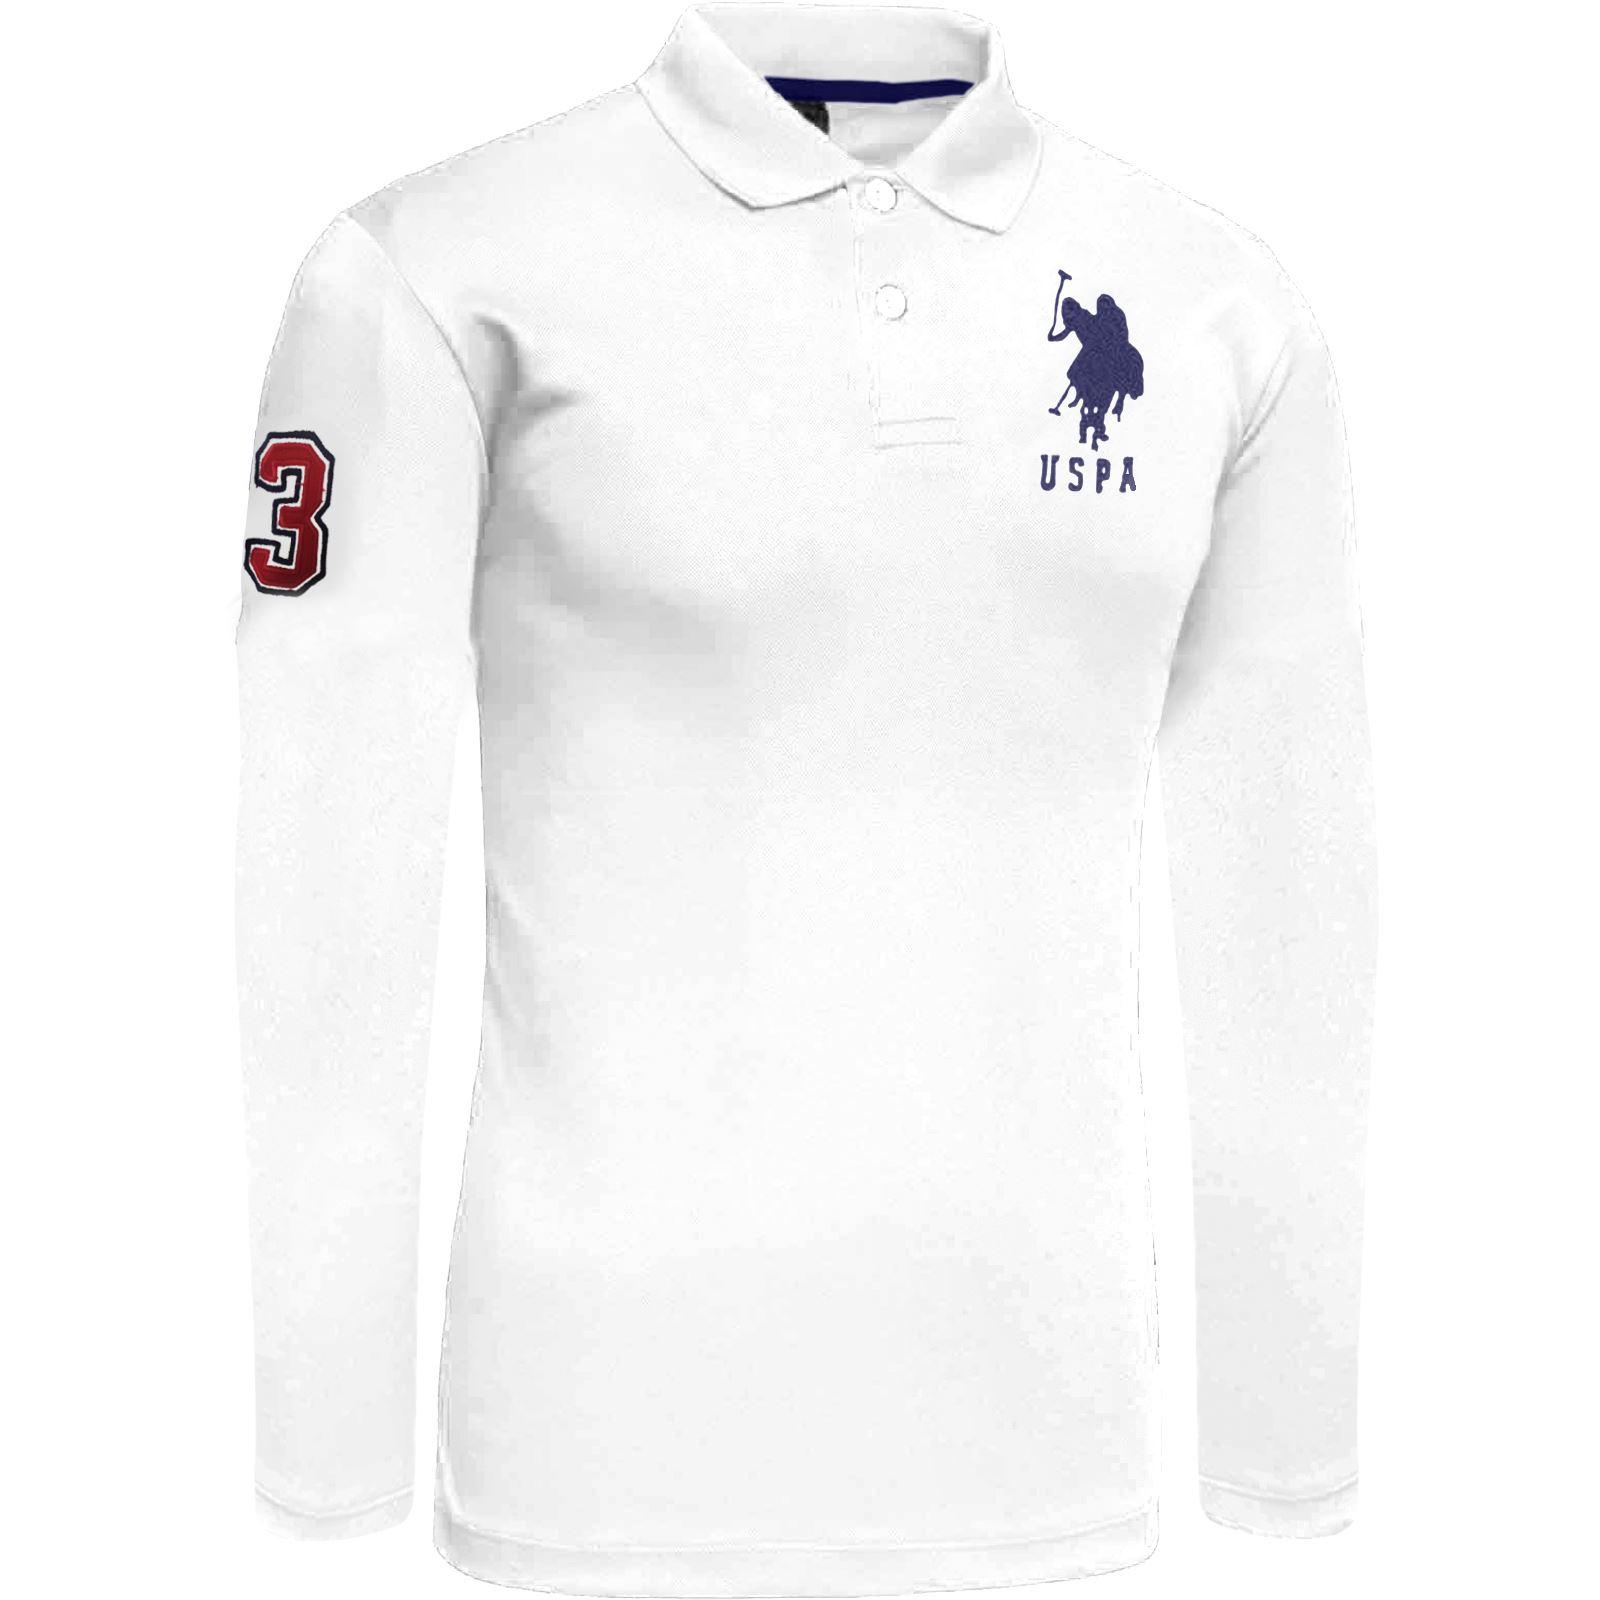 Mens us polo assn long sleeve polo shirt pique top 2017 for Mens long sleeve pique polo shirts